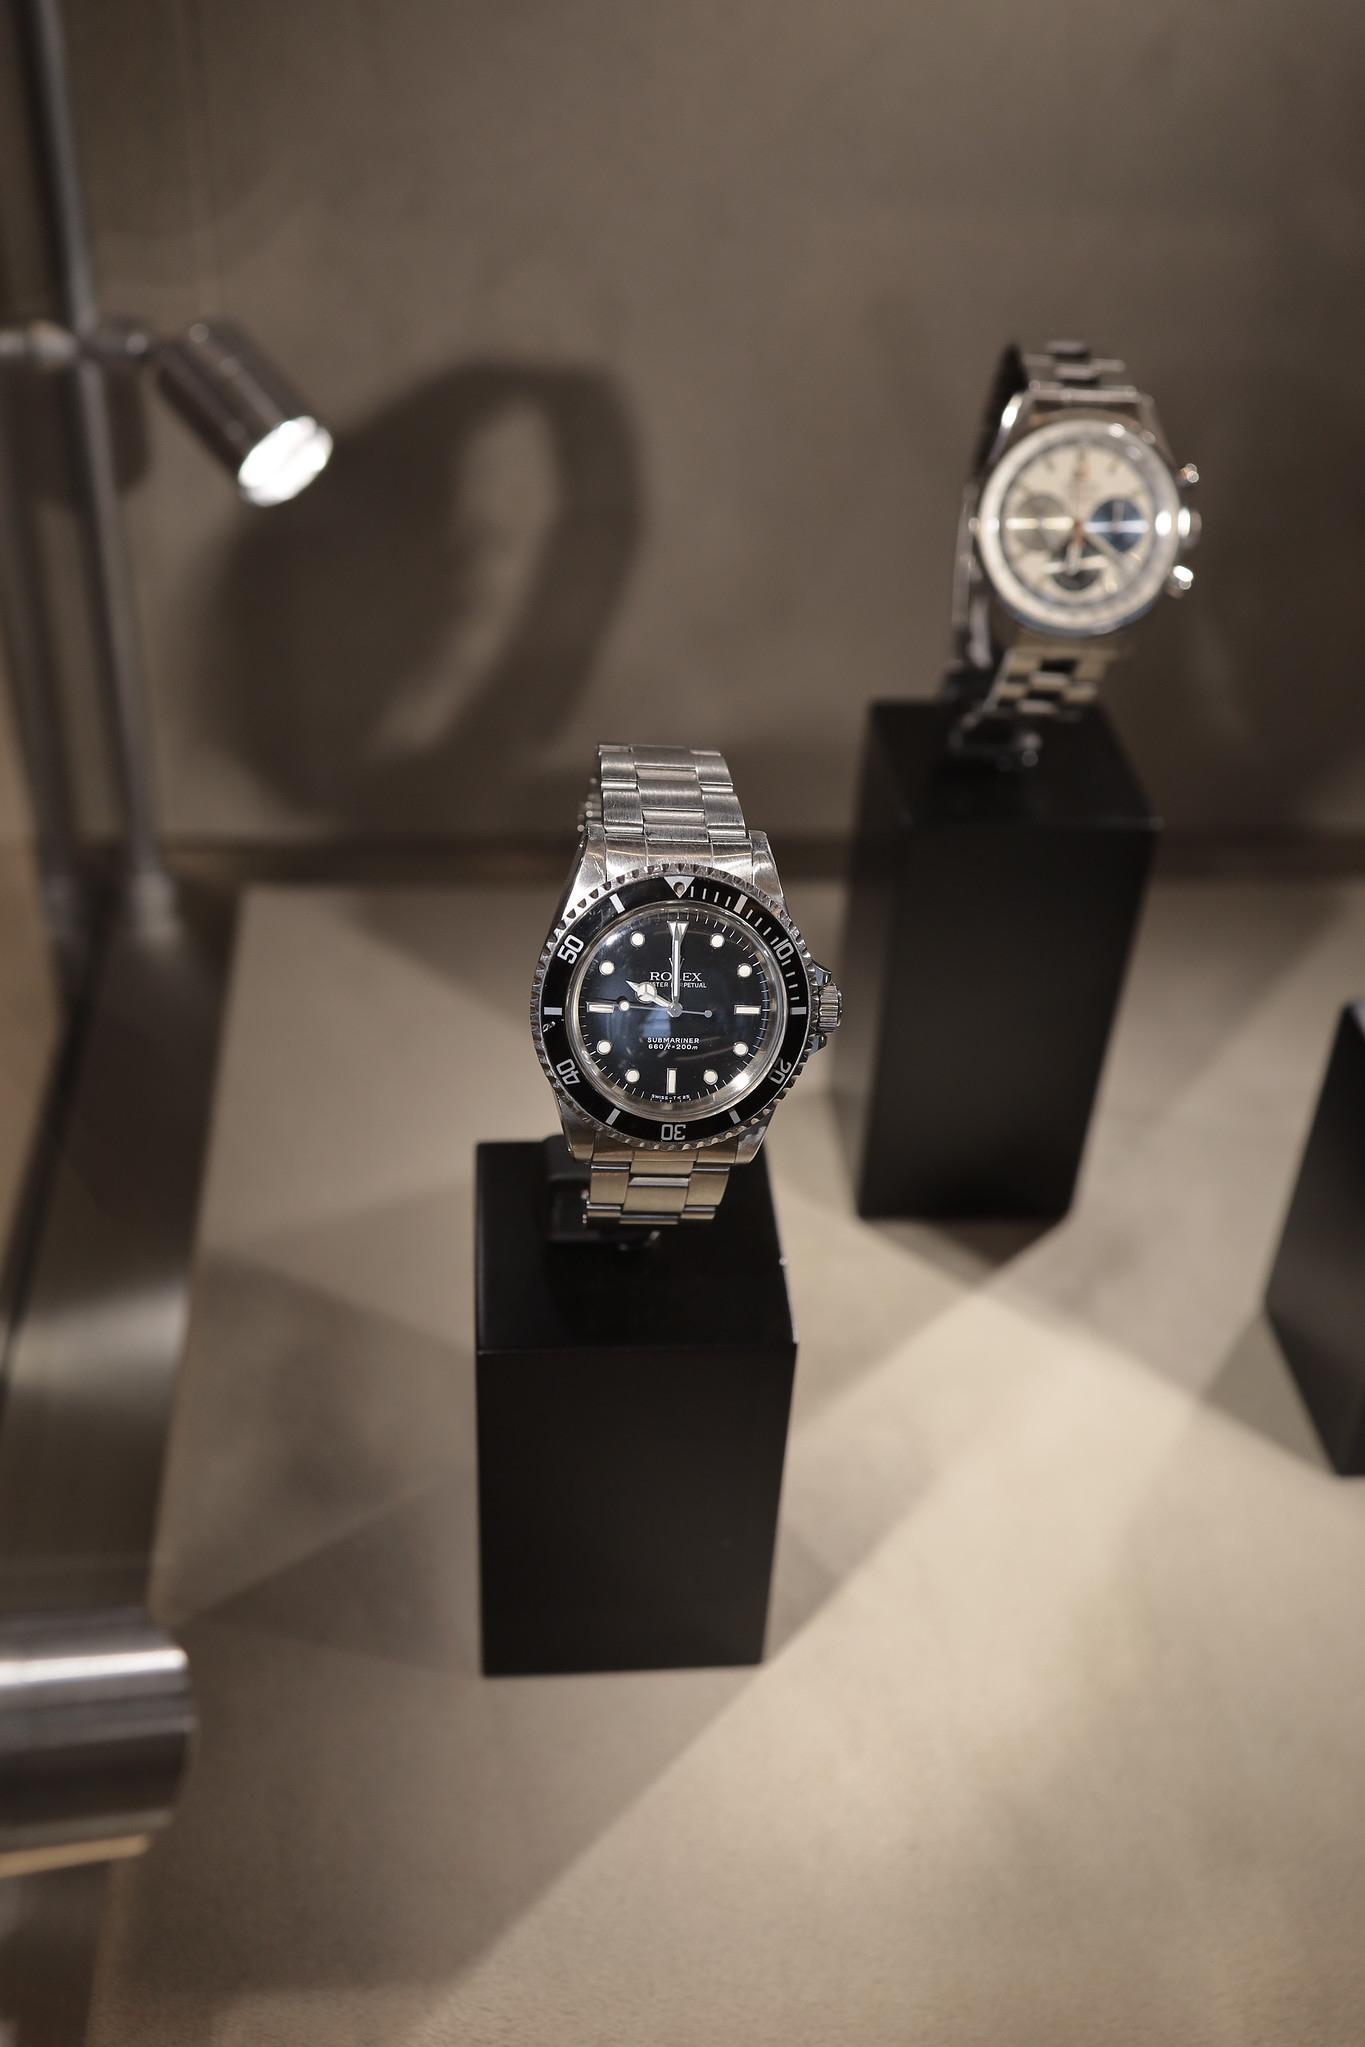 Vintage Rolex Submariner at Watches of Switzerland